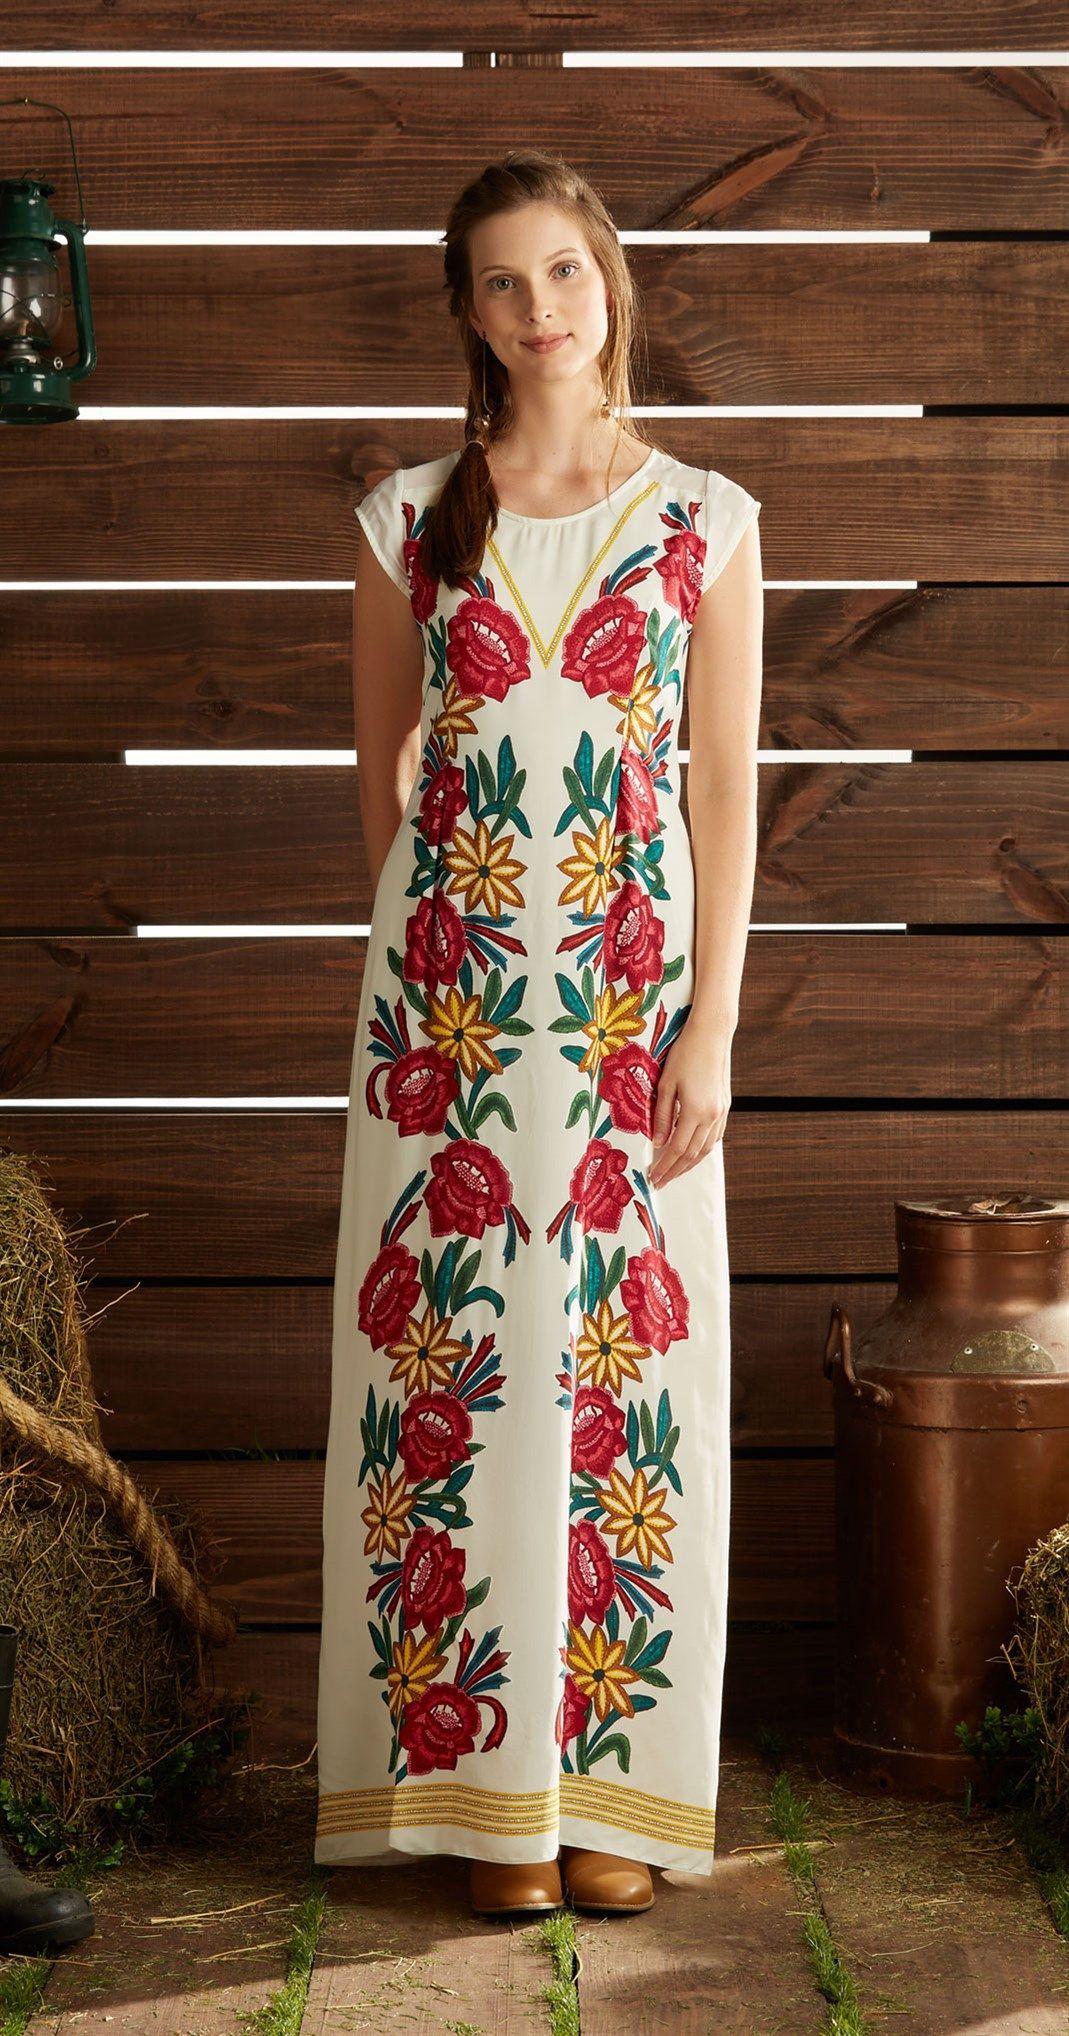 Só na Antix Store você encontra Vestido Longo Caminhos das Flores com exclusividade na internet